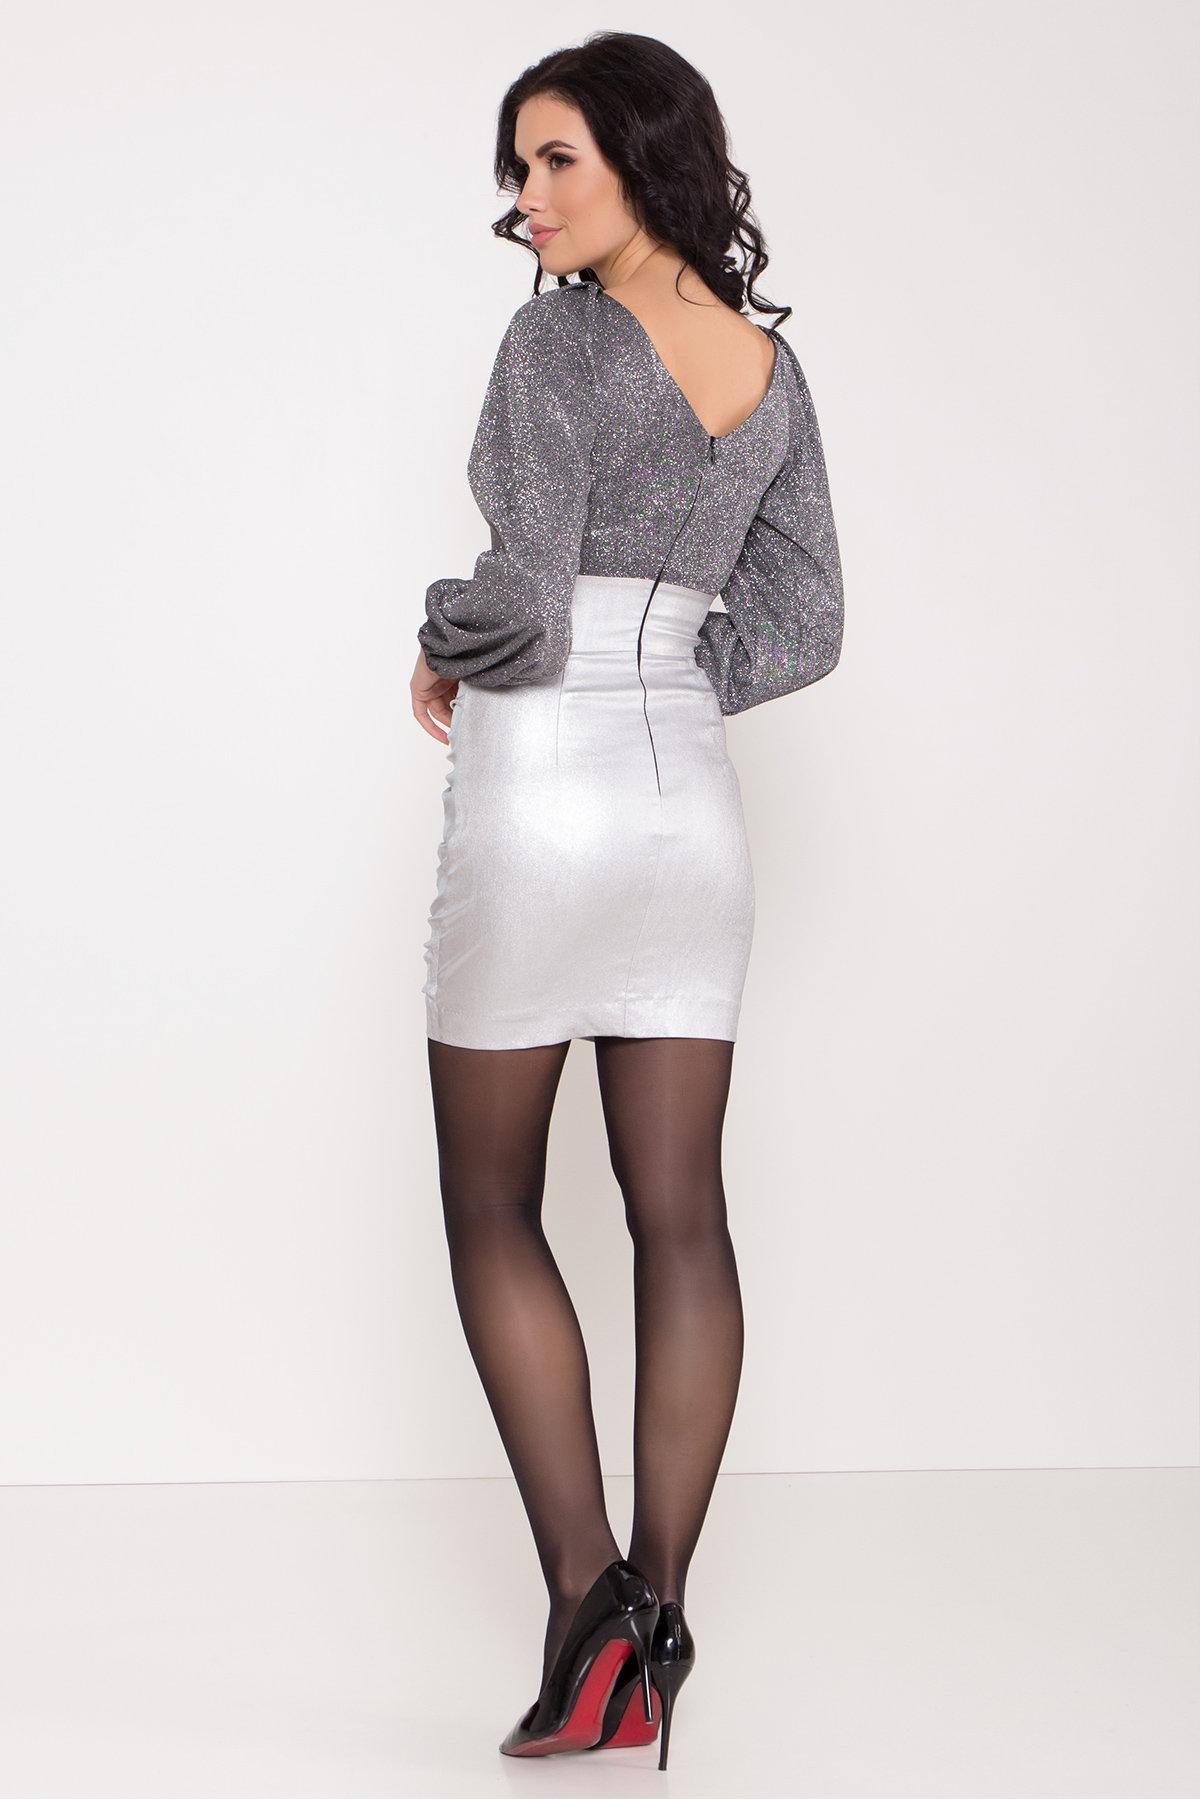 Платье с драпировкой Линси 8534 Цвет: Серебро 2